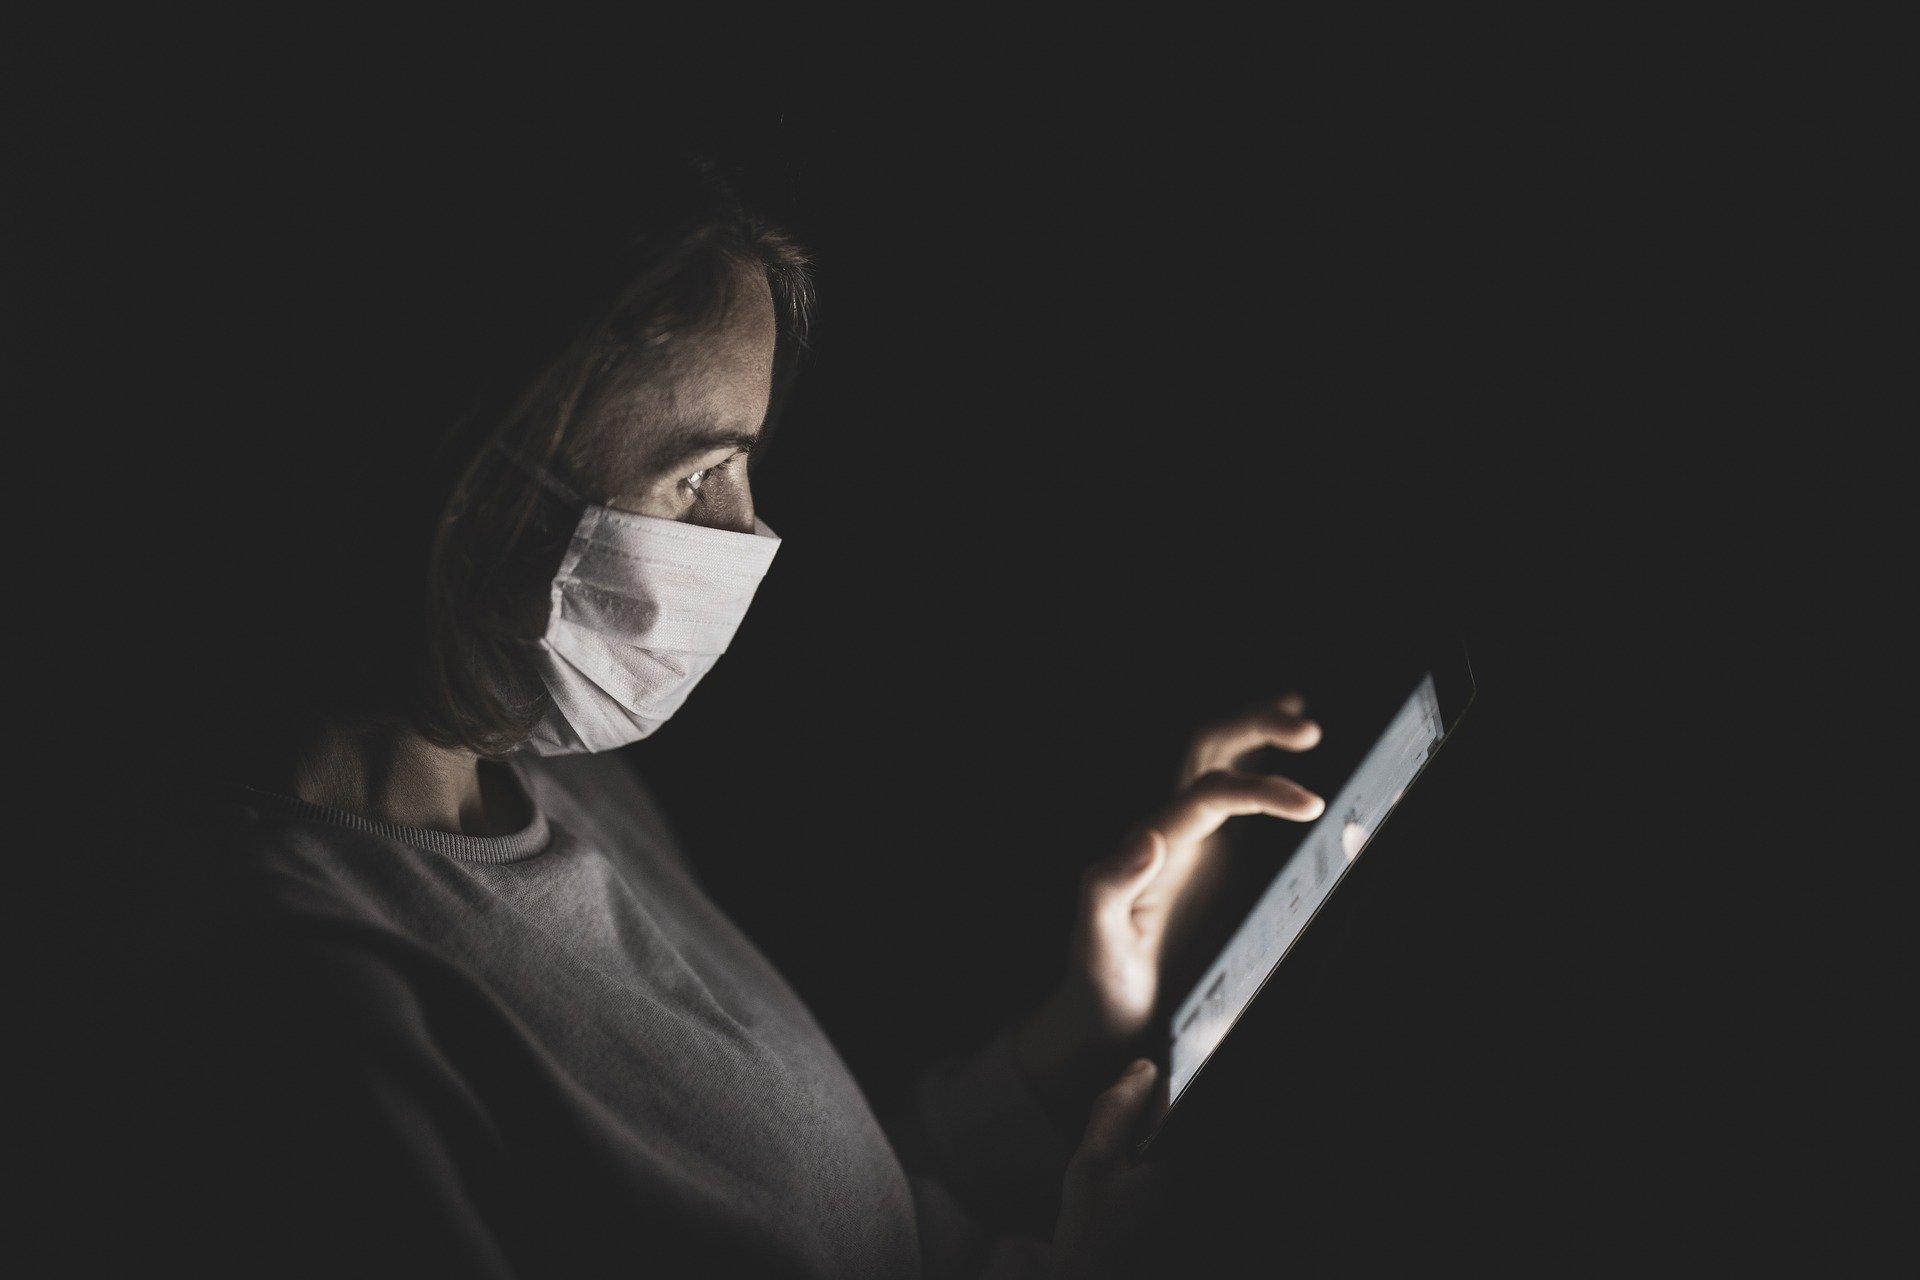 Ce système permettra la reconnaissance faciale avec un masque